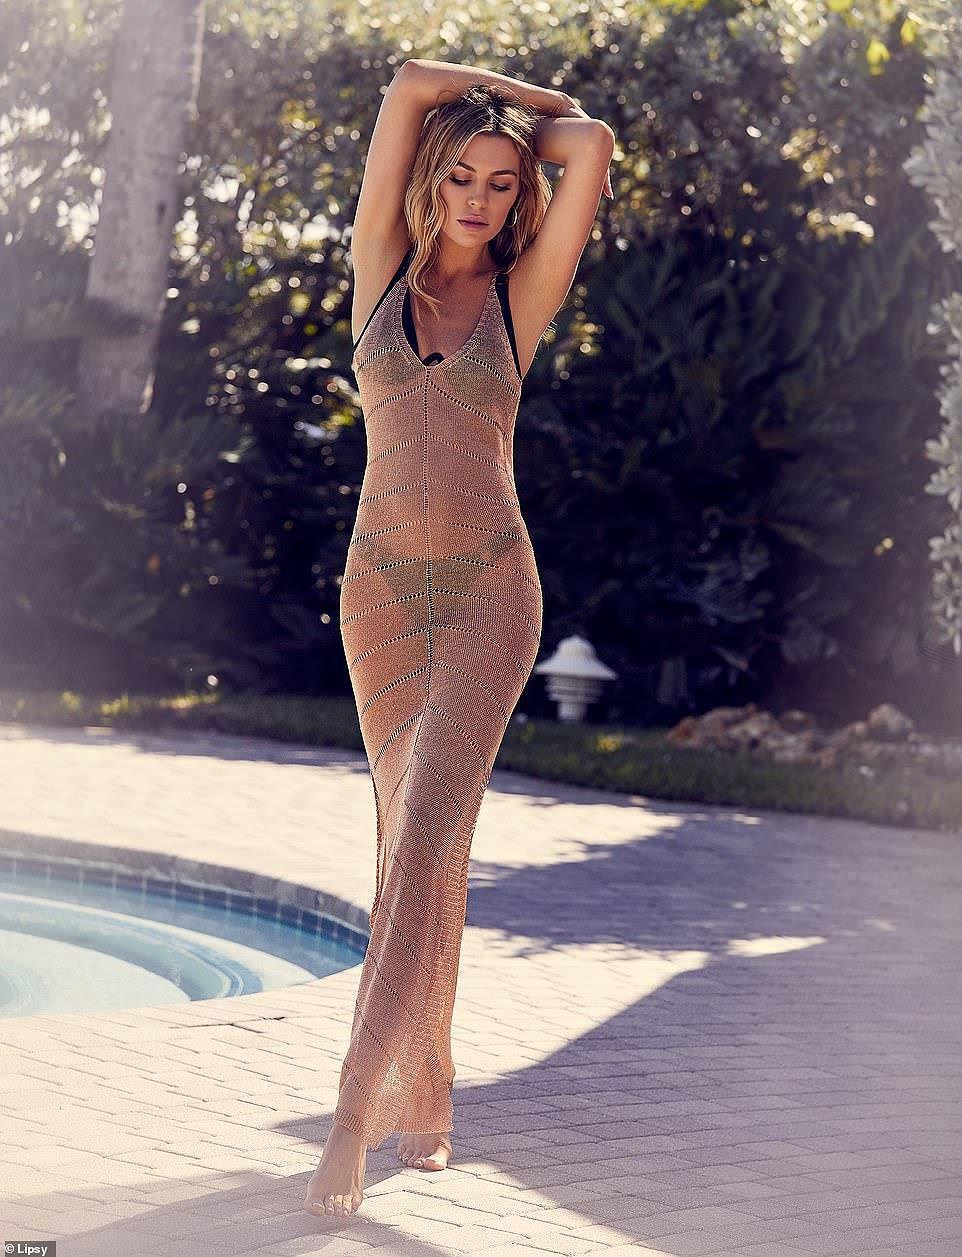 Abbey Clancy tung ảnh bikini khoe đường cong chuẩn từng centimet - Hình 9